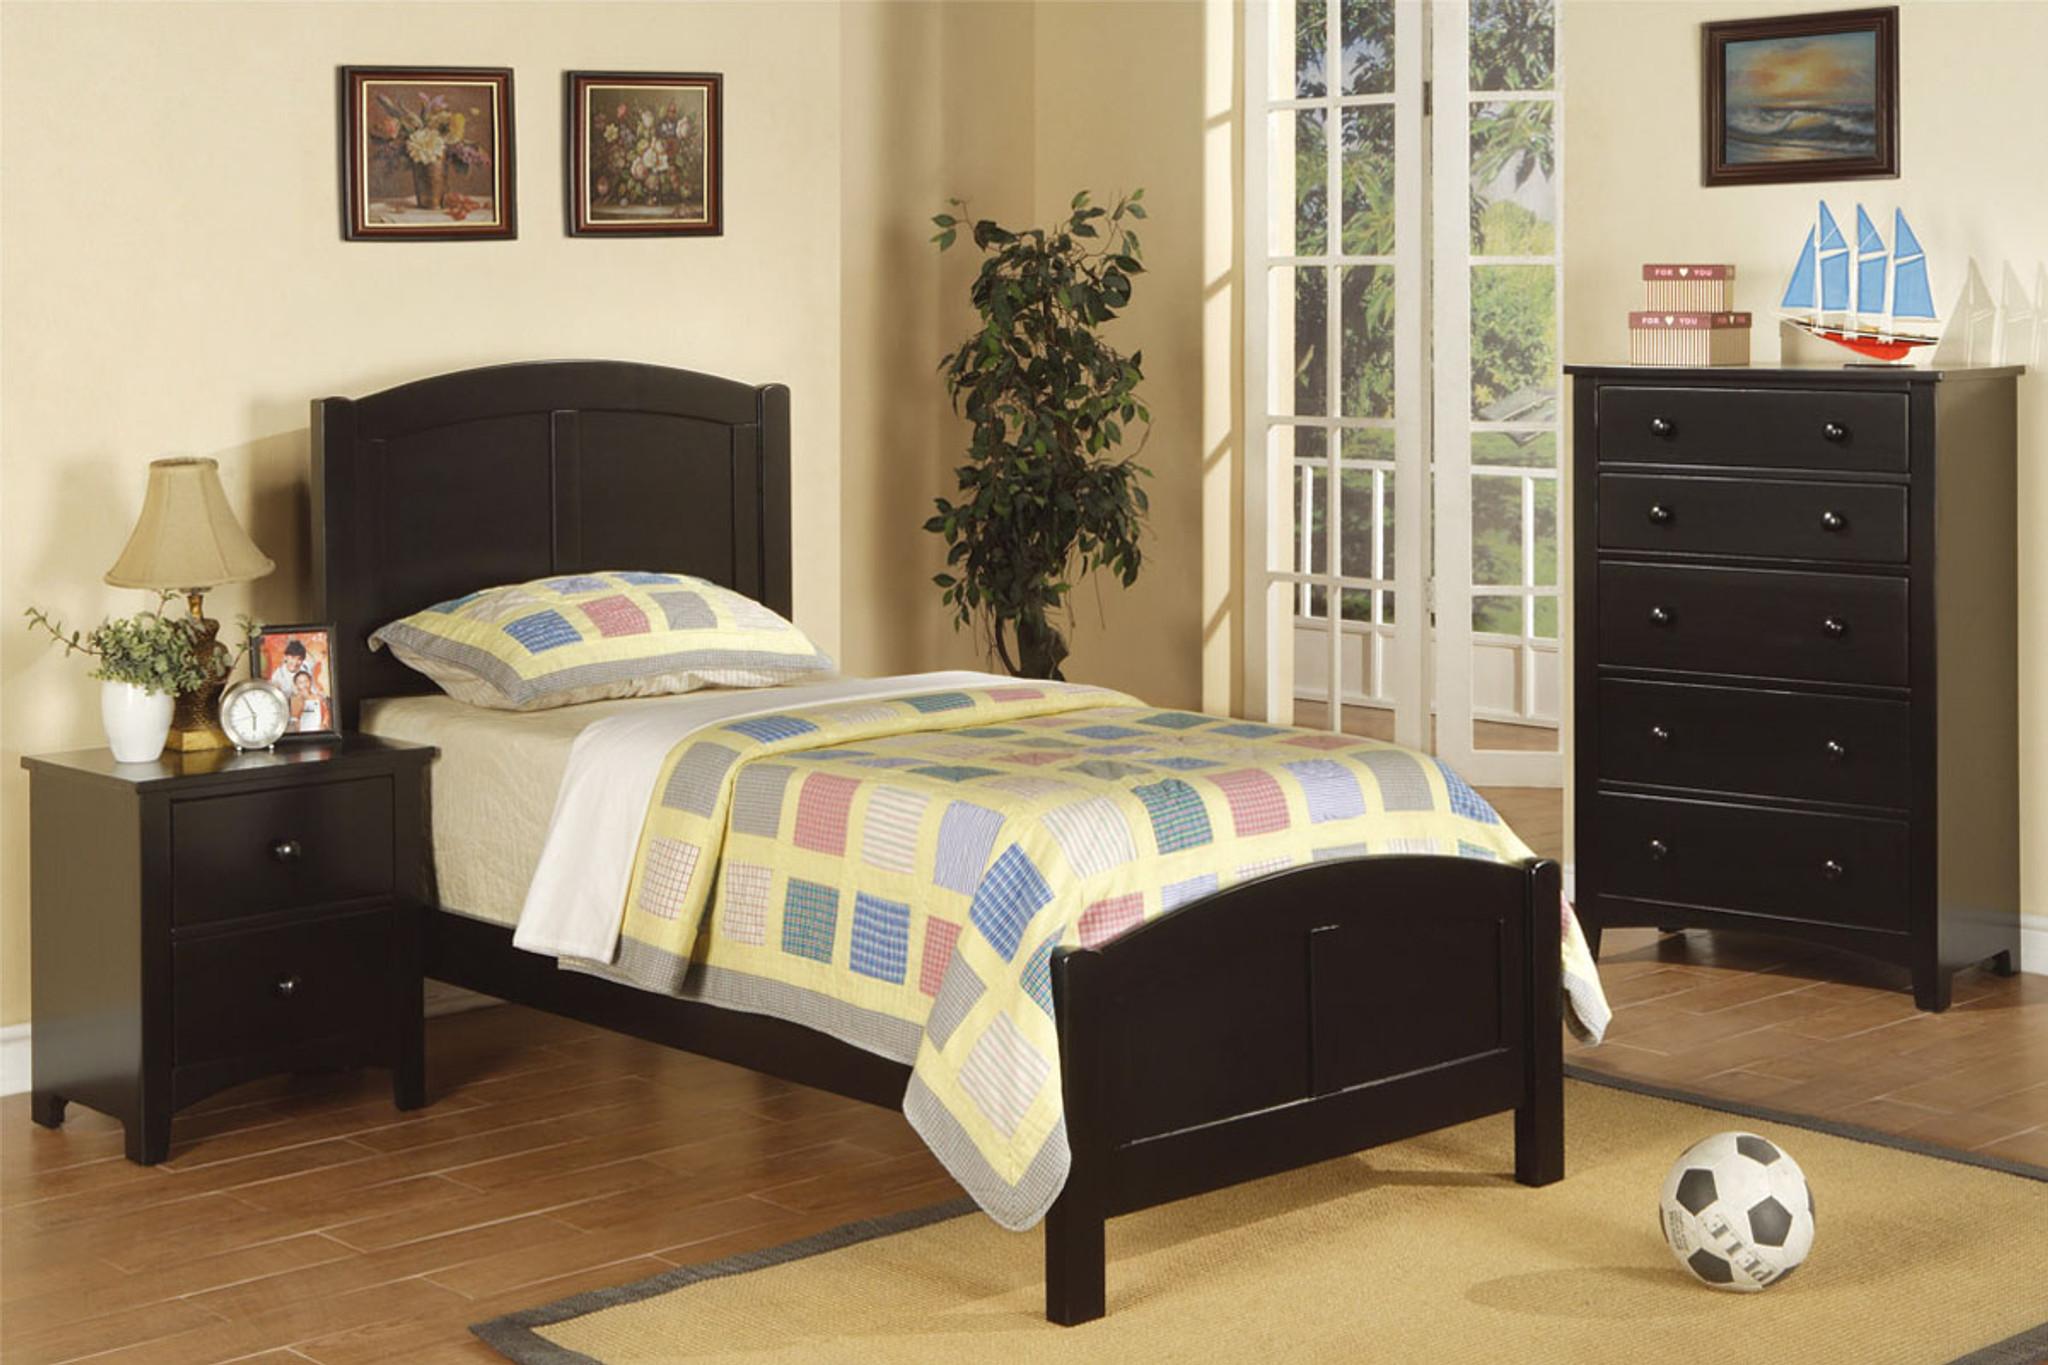 Kassa Mall Home Furniture F9208 F4236 F4237 Twin Bed In Black Wood Finish